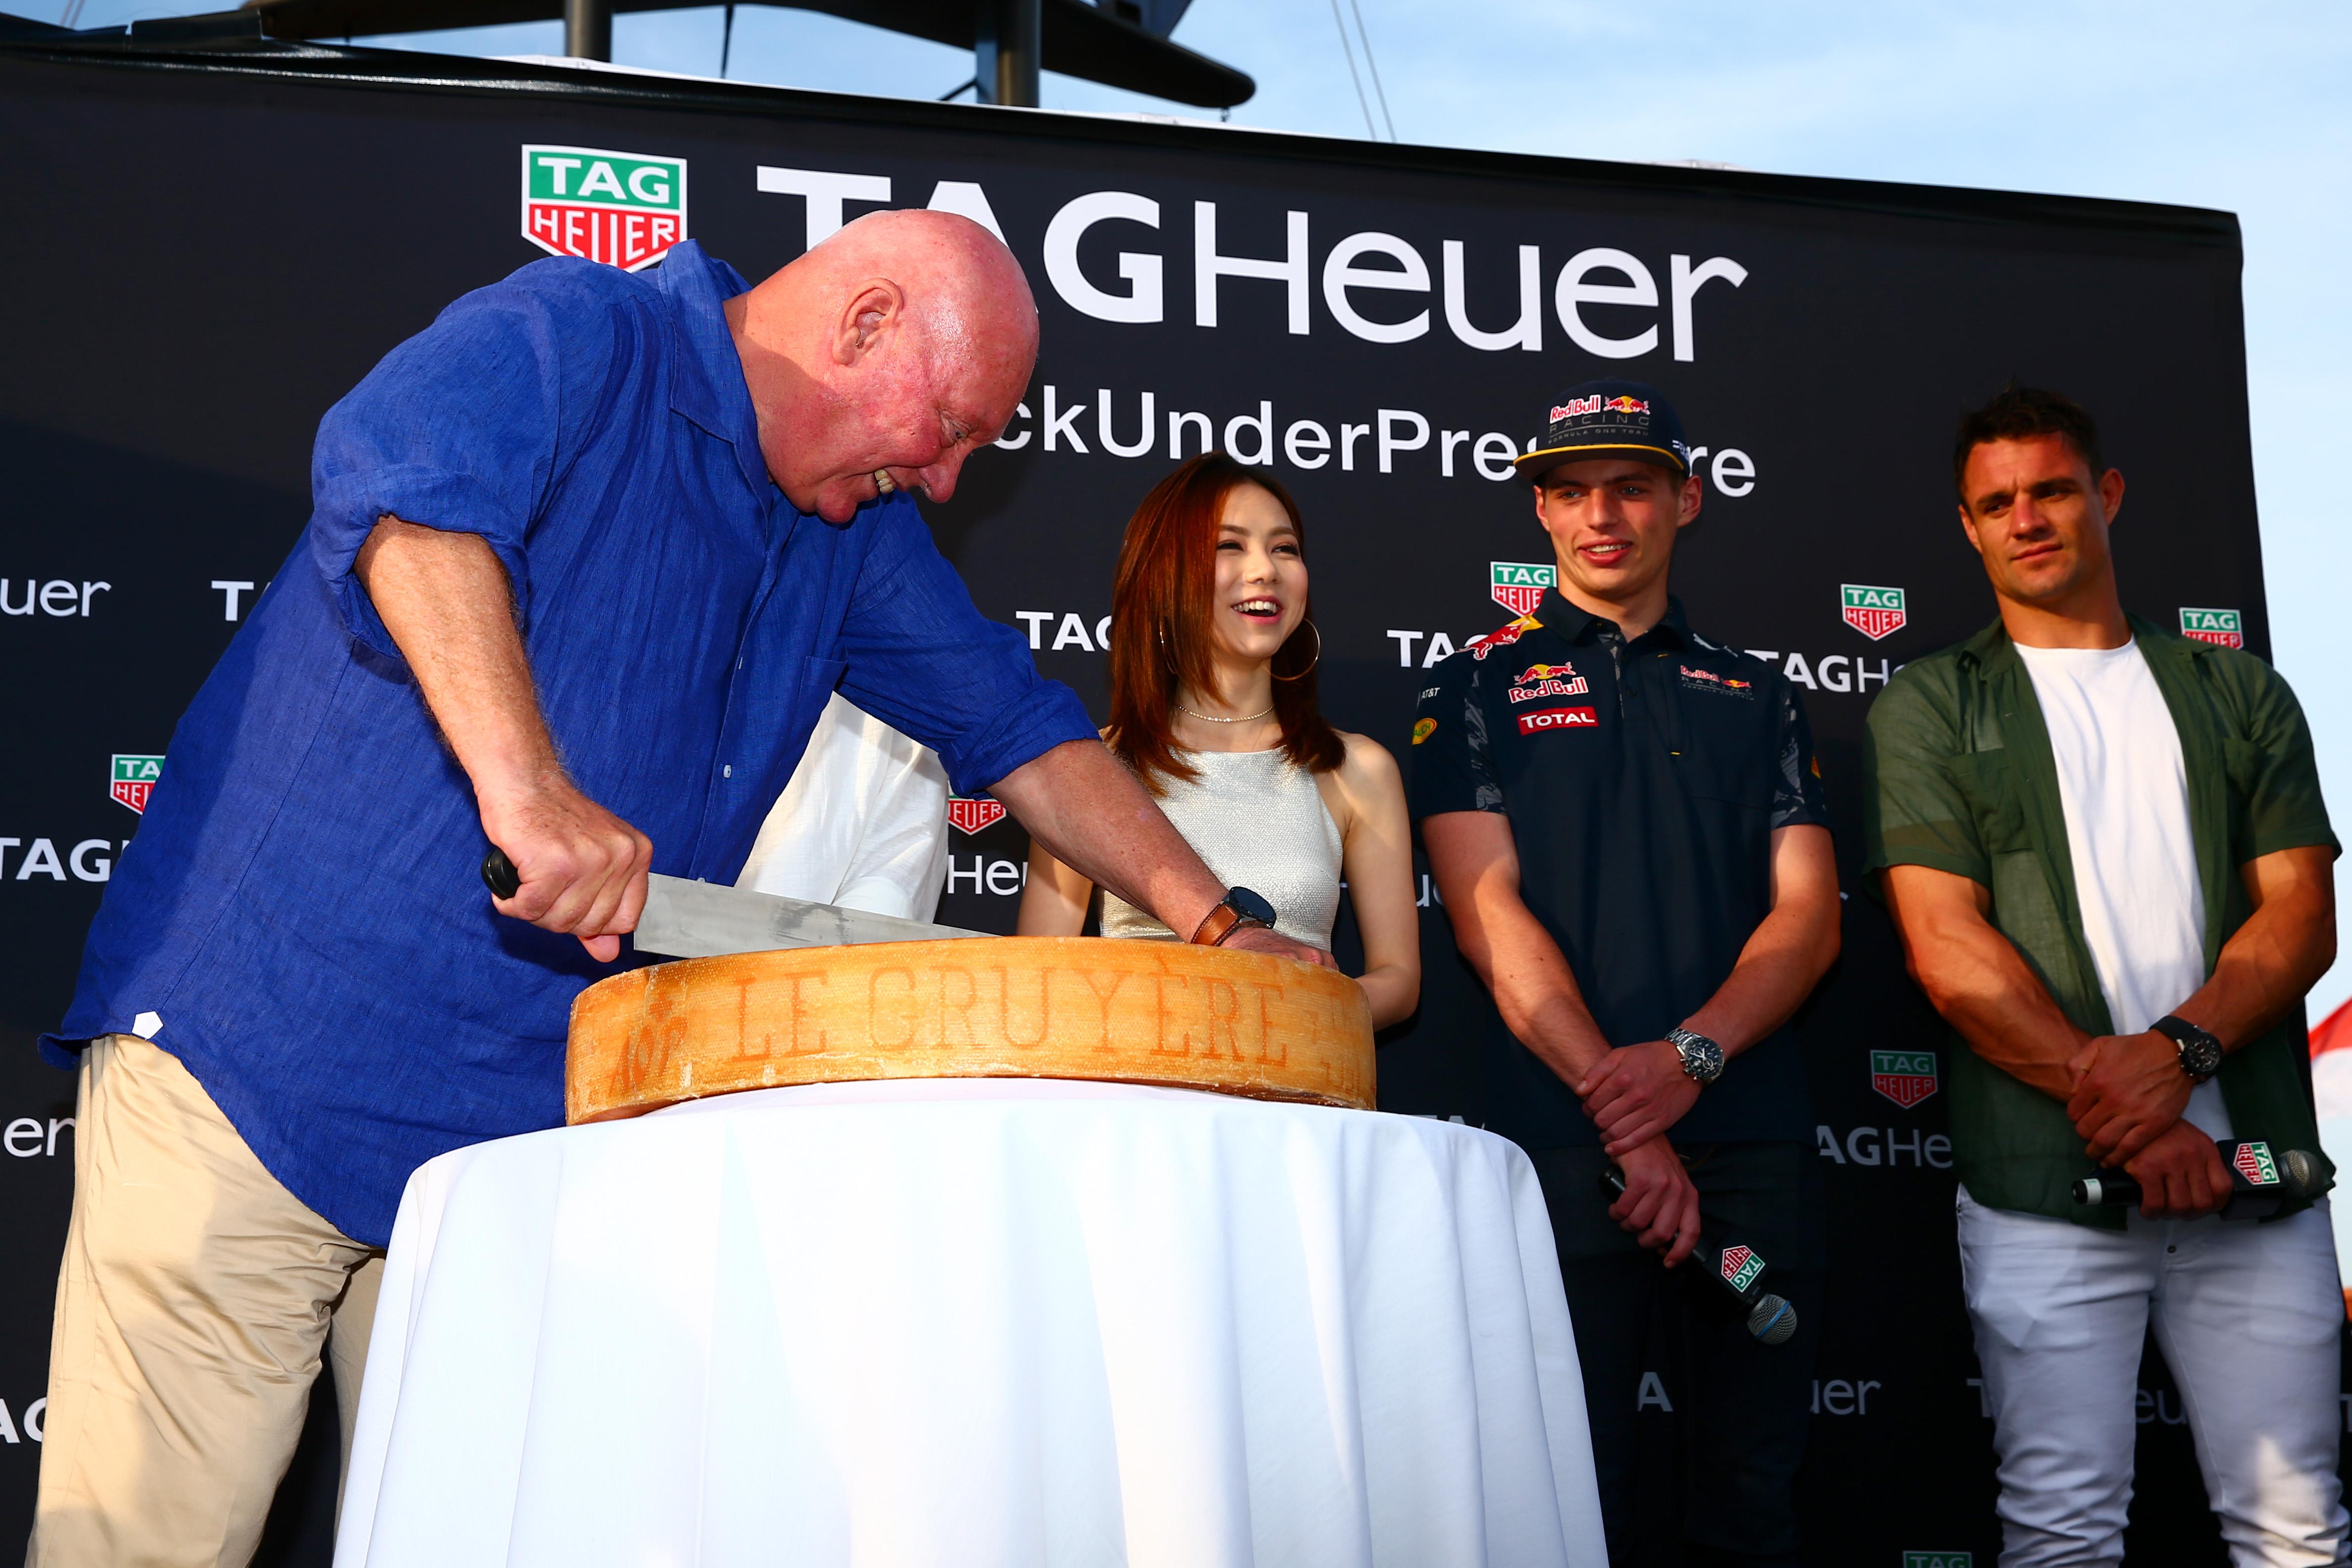 Monaco GP: Tag Heuer Event